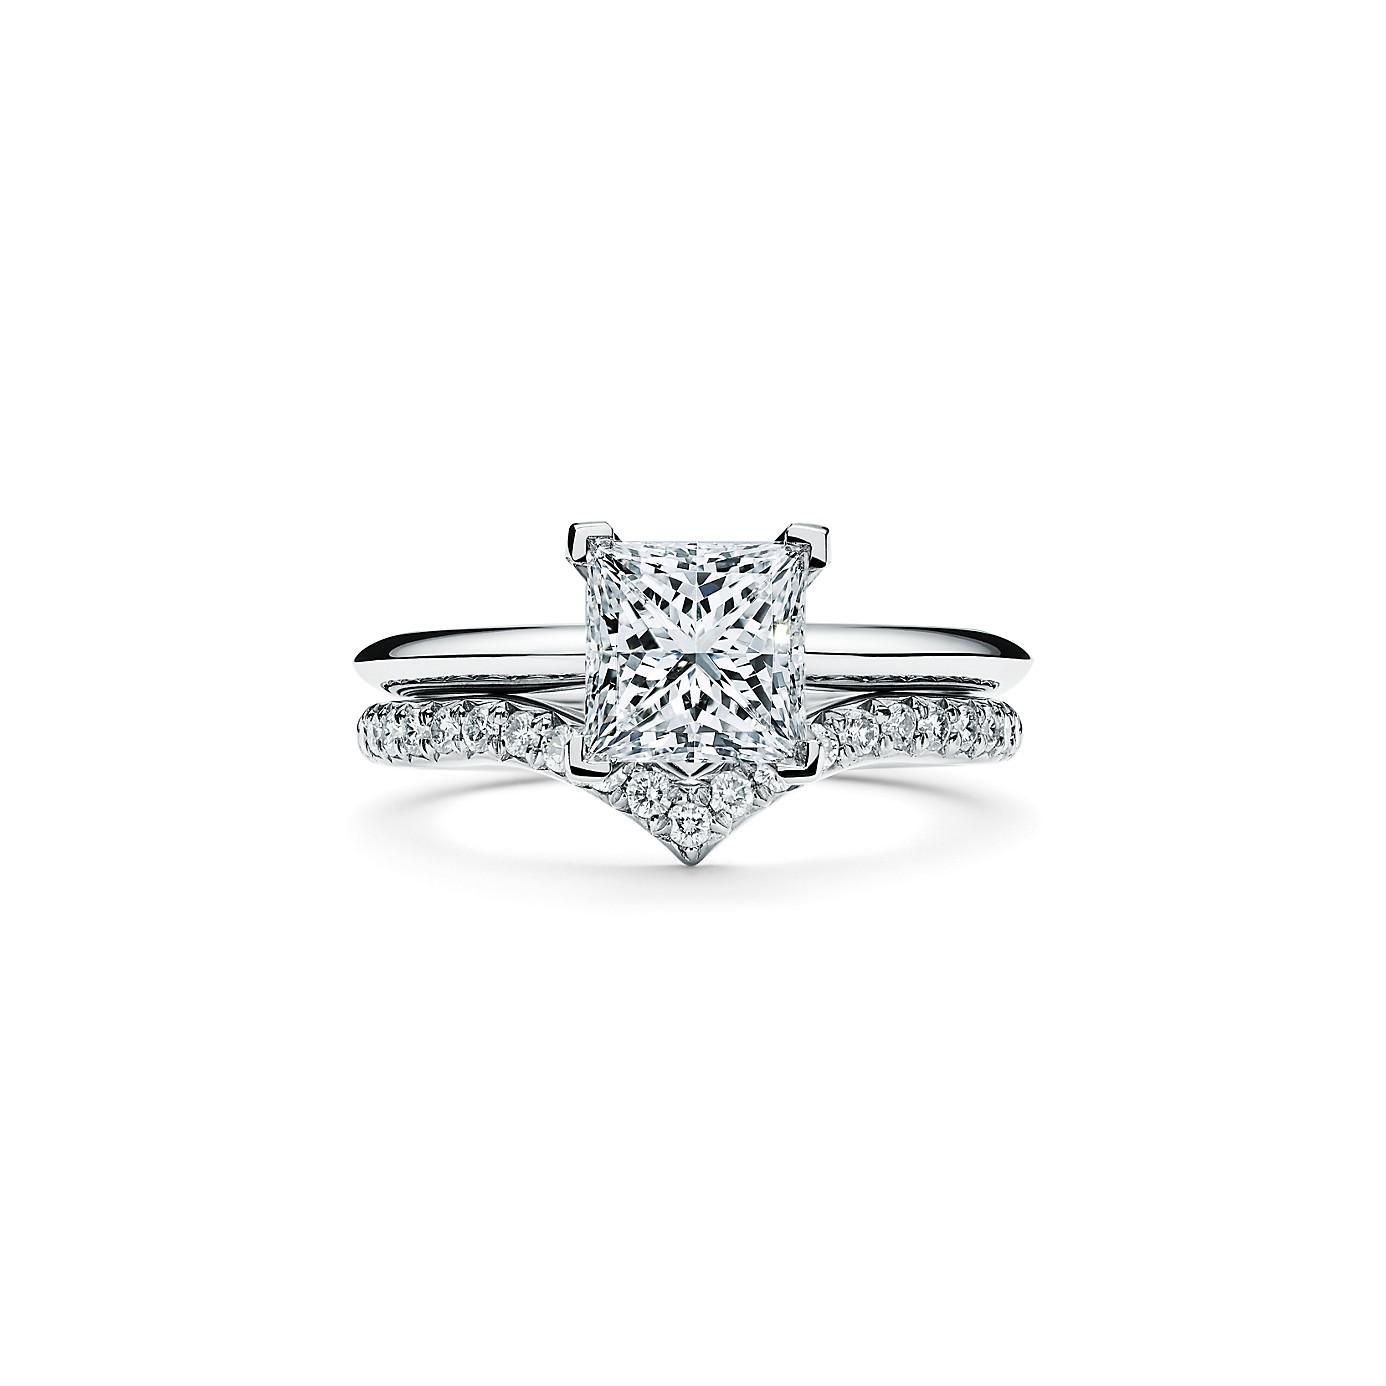 ティファニー ソレスト V リング ダイヤモンド(4)―Tiffany & Co.(ティファニー)